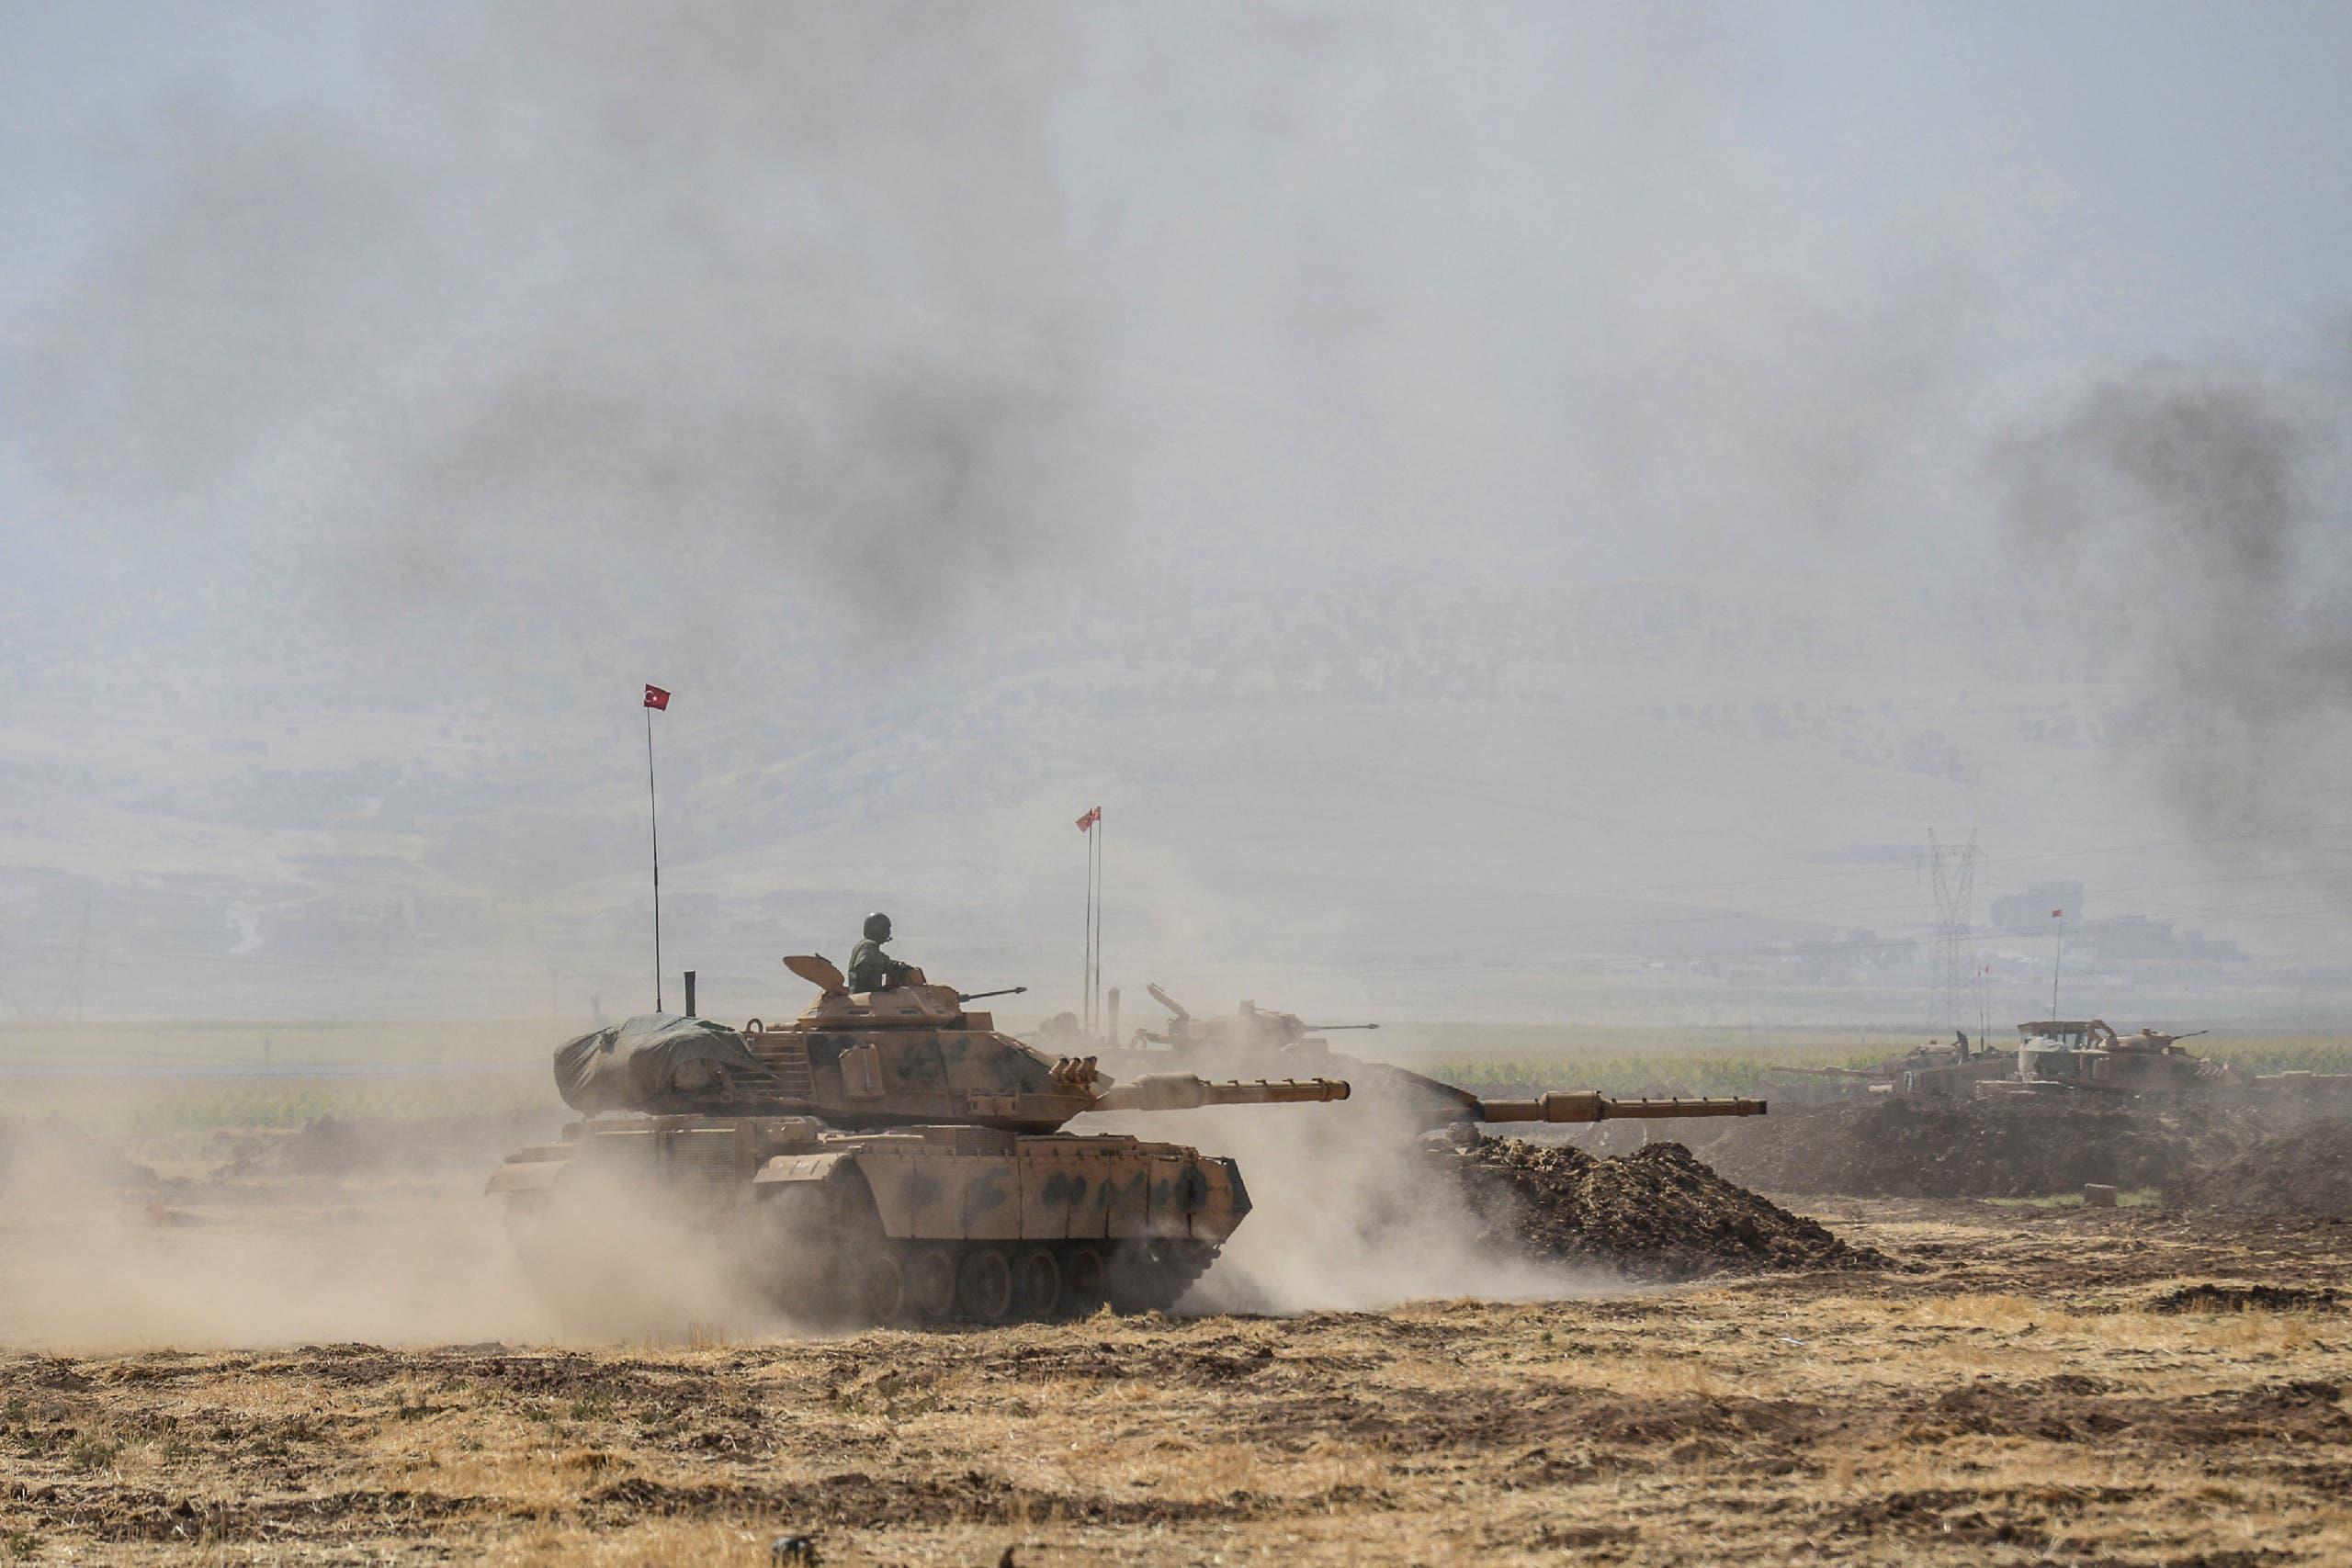 تدريبات عسكرية تركية على الحدود العراقية التركية (أرشيفية - فرانس برس)